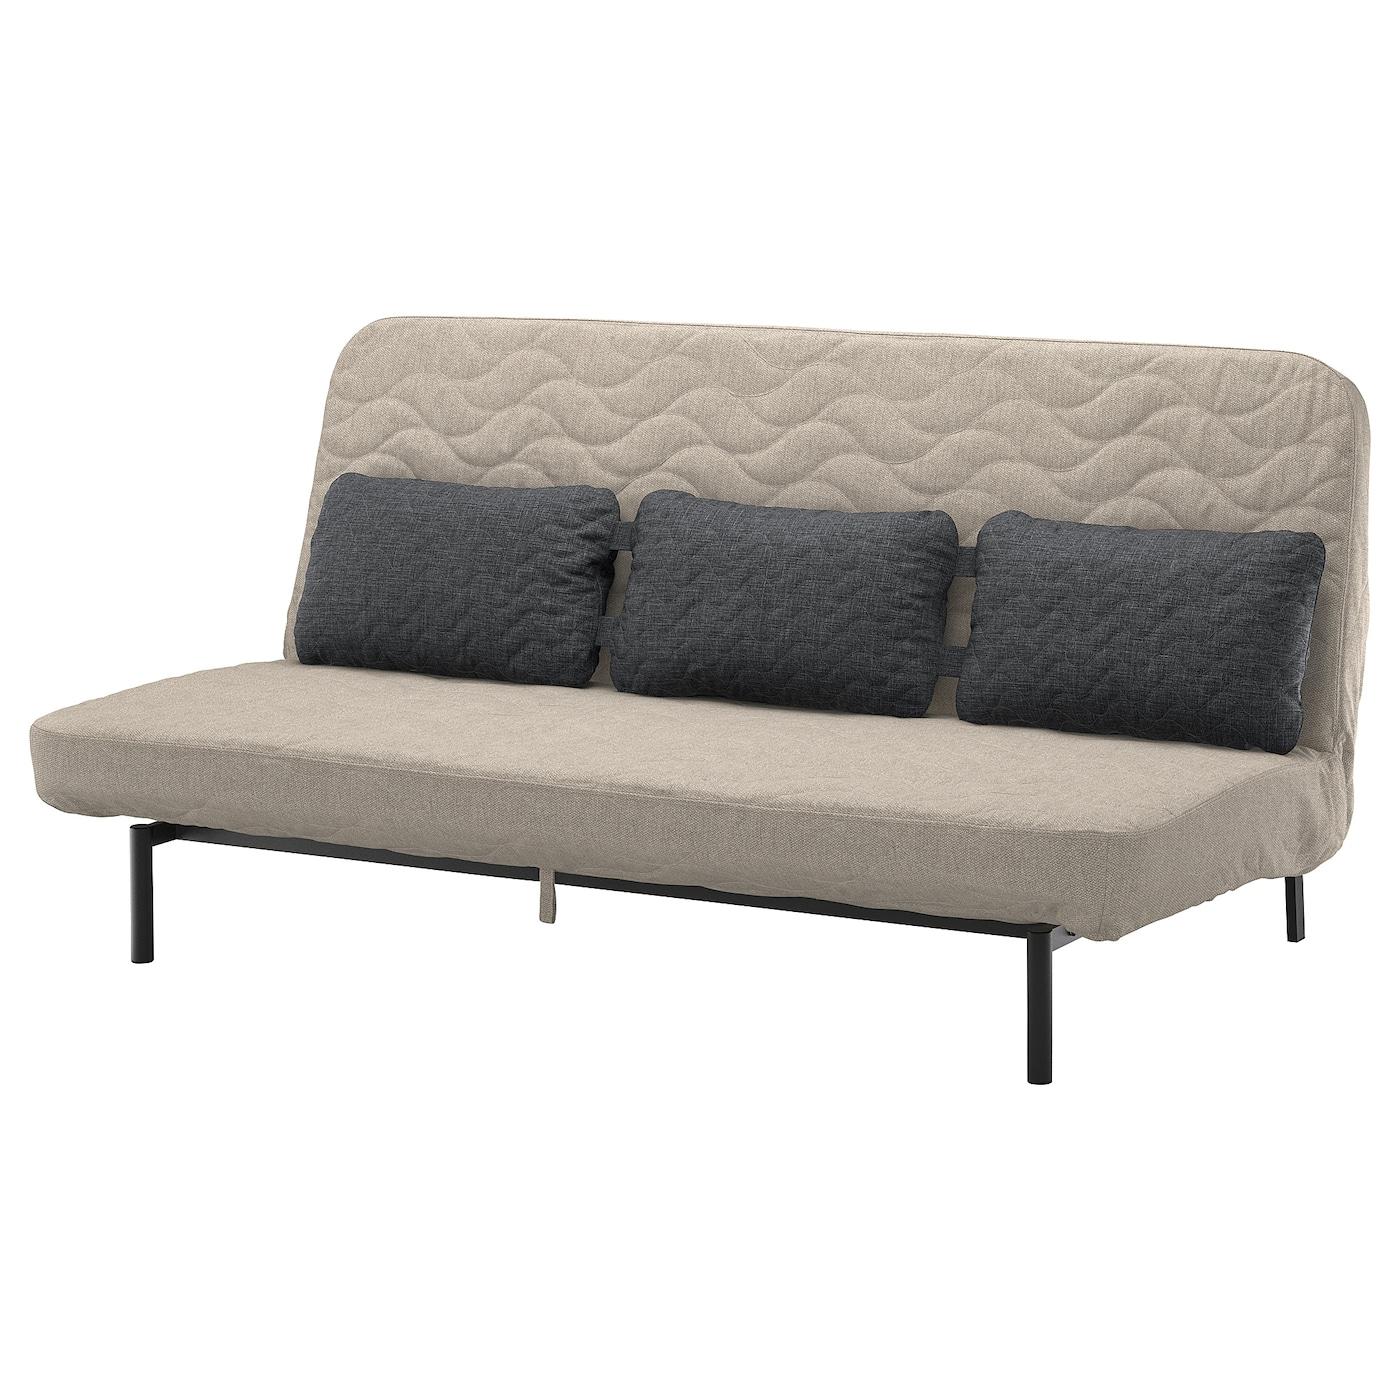 IKEA NYHAMN Sofa rozkładana z potrójną poduchą, materac ze sprężynami kieszeniowymi, Hyllie beżowy